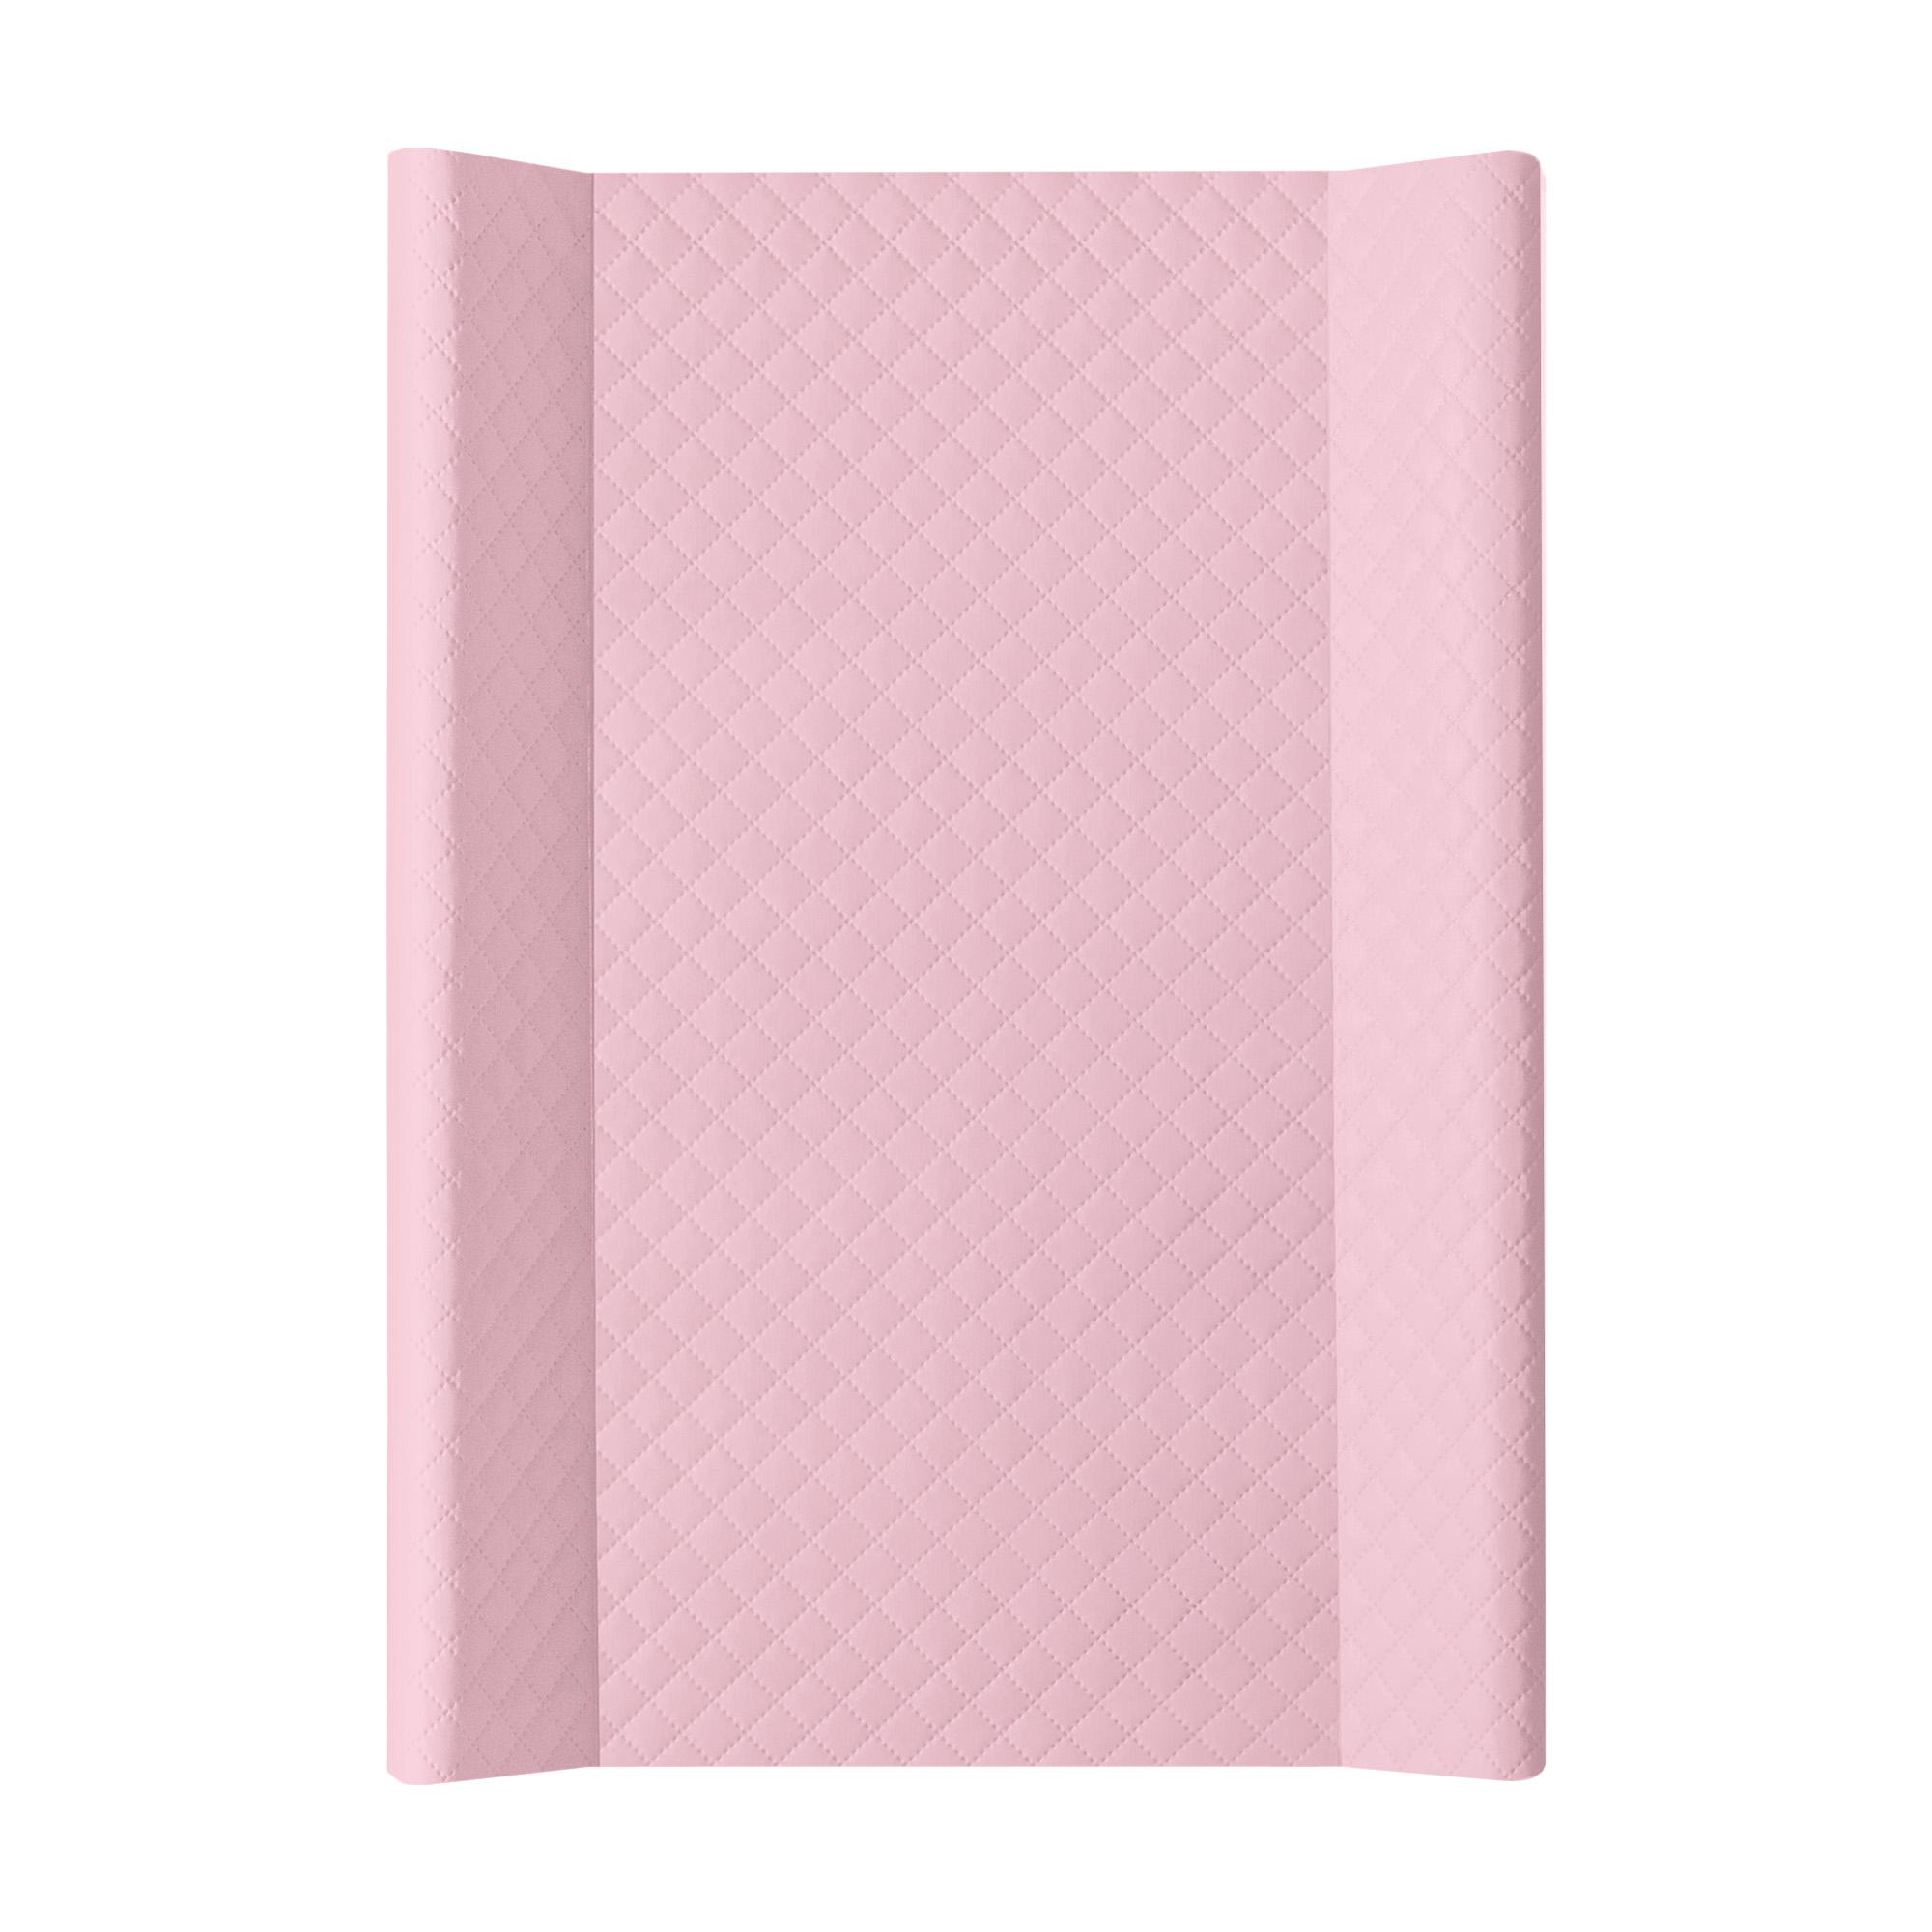 Přebalovací podložka CEBA MDF 70 cm Caro růžová